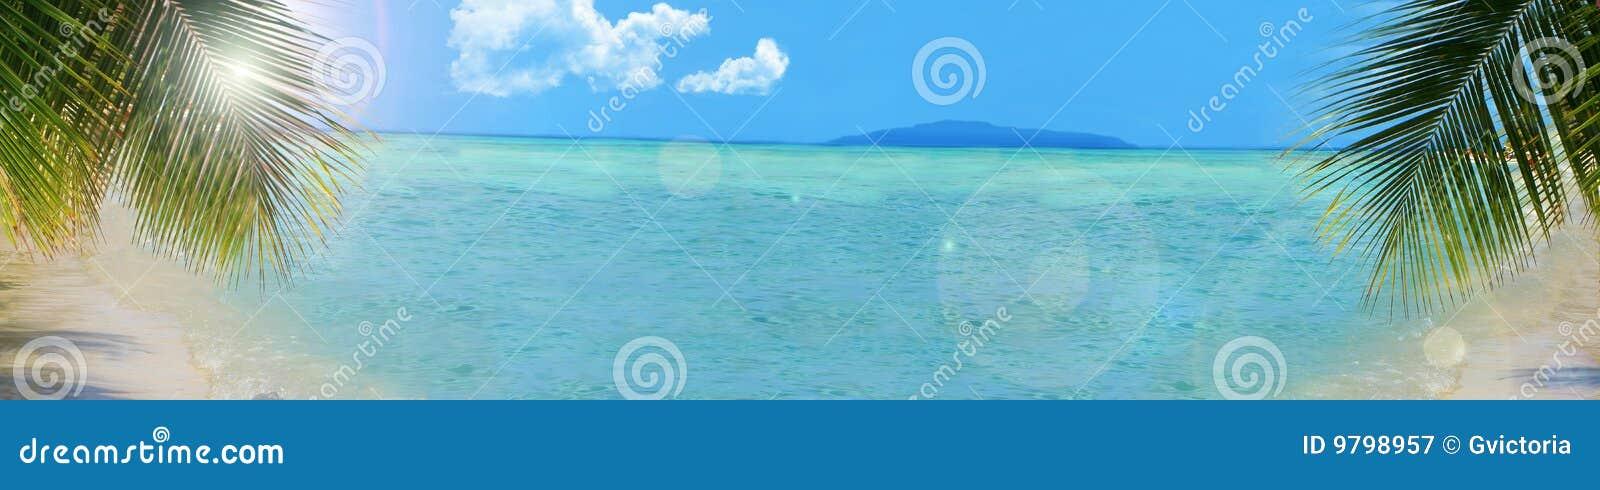 Tropisk bakgrundsbanerstrand